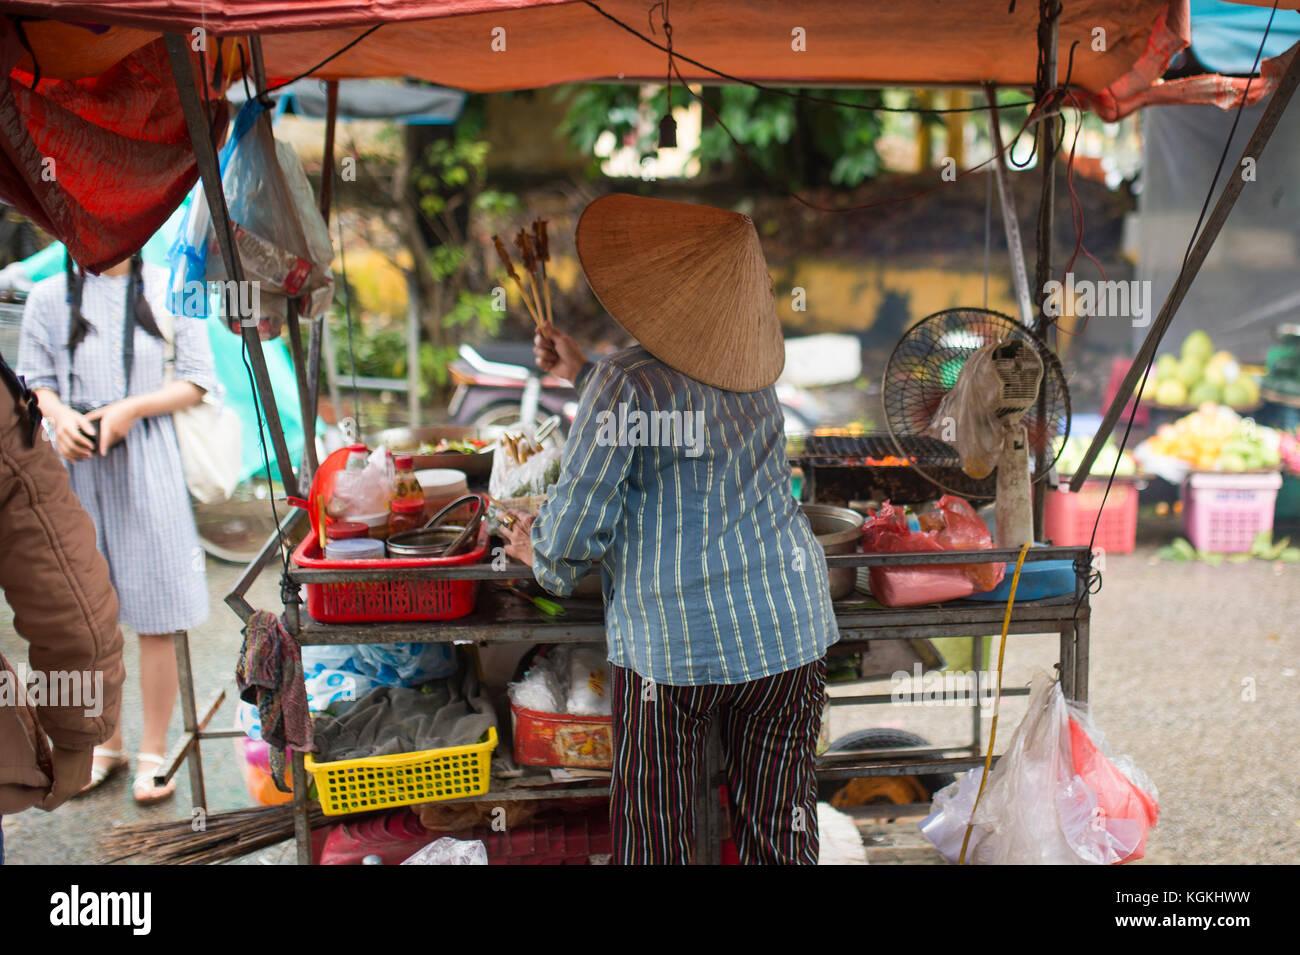 -El enfoque selectivo- mujer no identificada con los típicos sombreros cónicos vietnamitas vender hortalizas frescas y carne brochetas en un mercado callejero en Hoi An, Vietnam Foto de stock